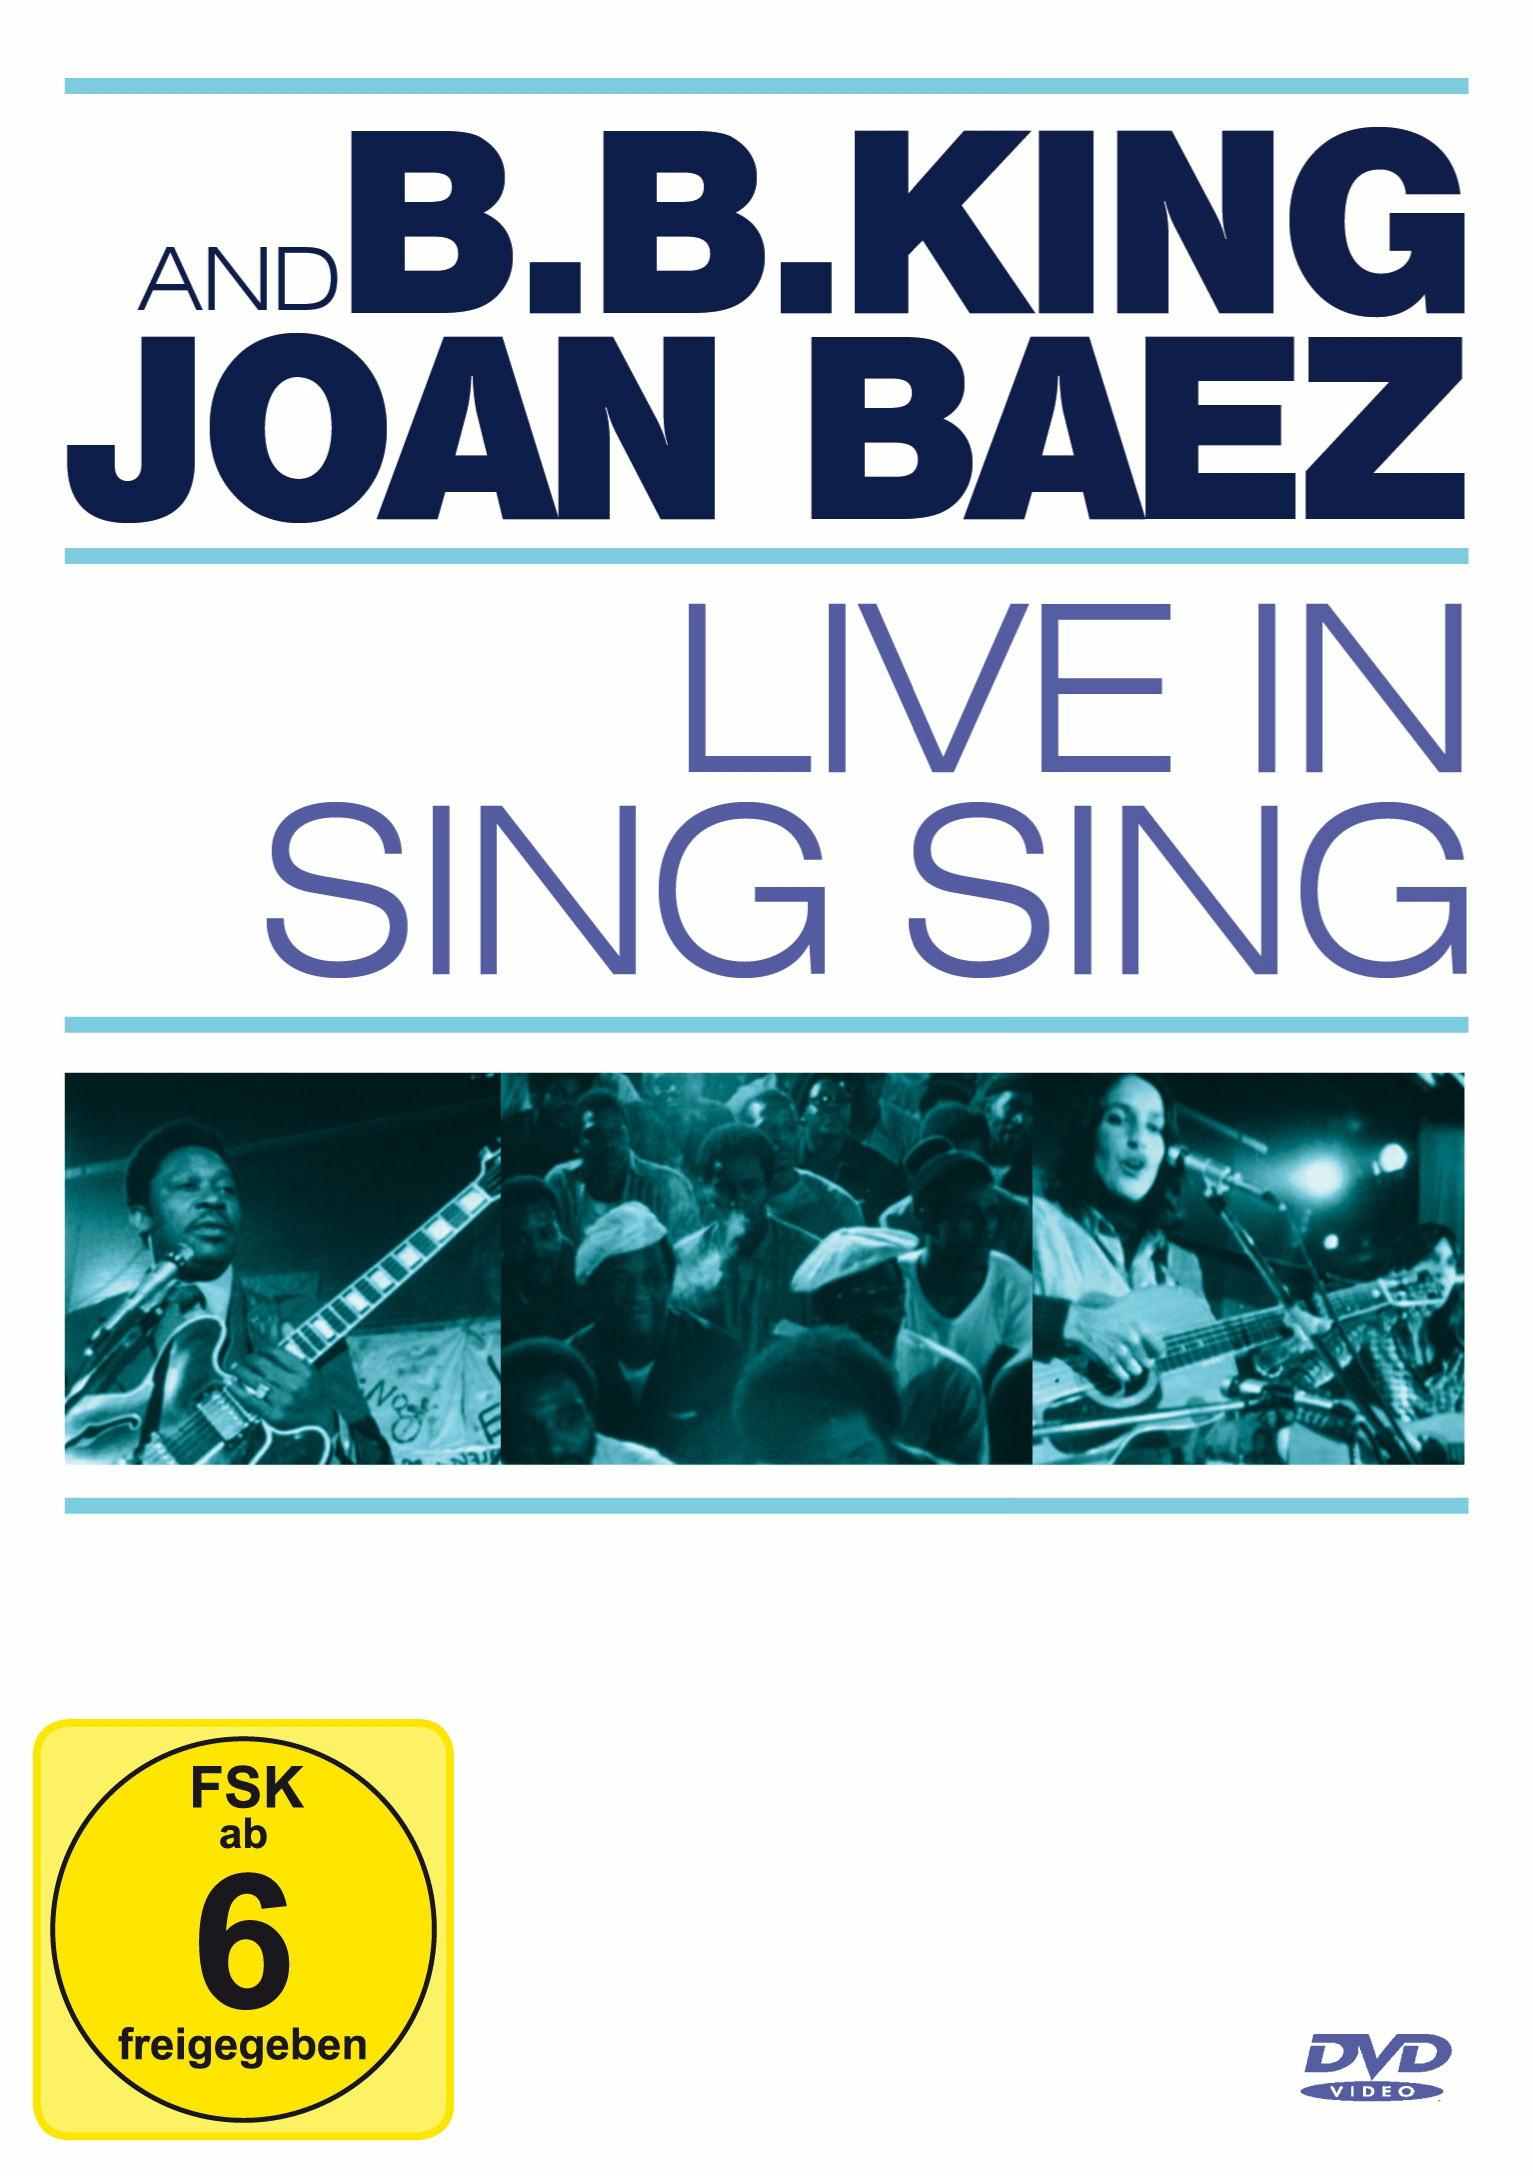 B.B. King & Joan Baez - Live in Sing Sing Poster